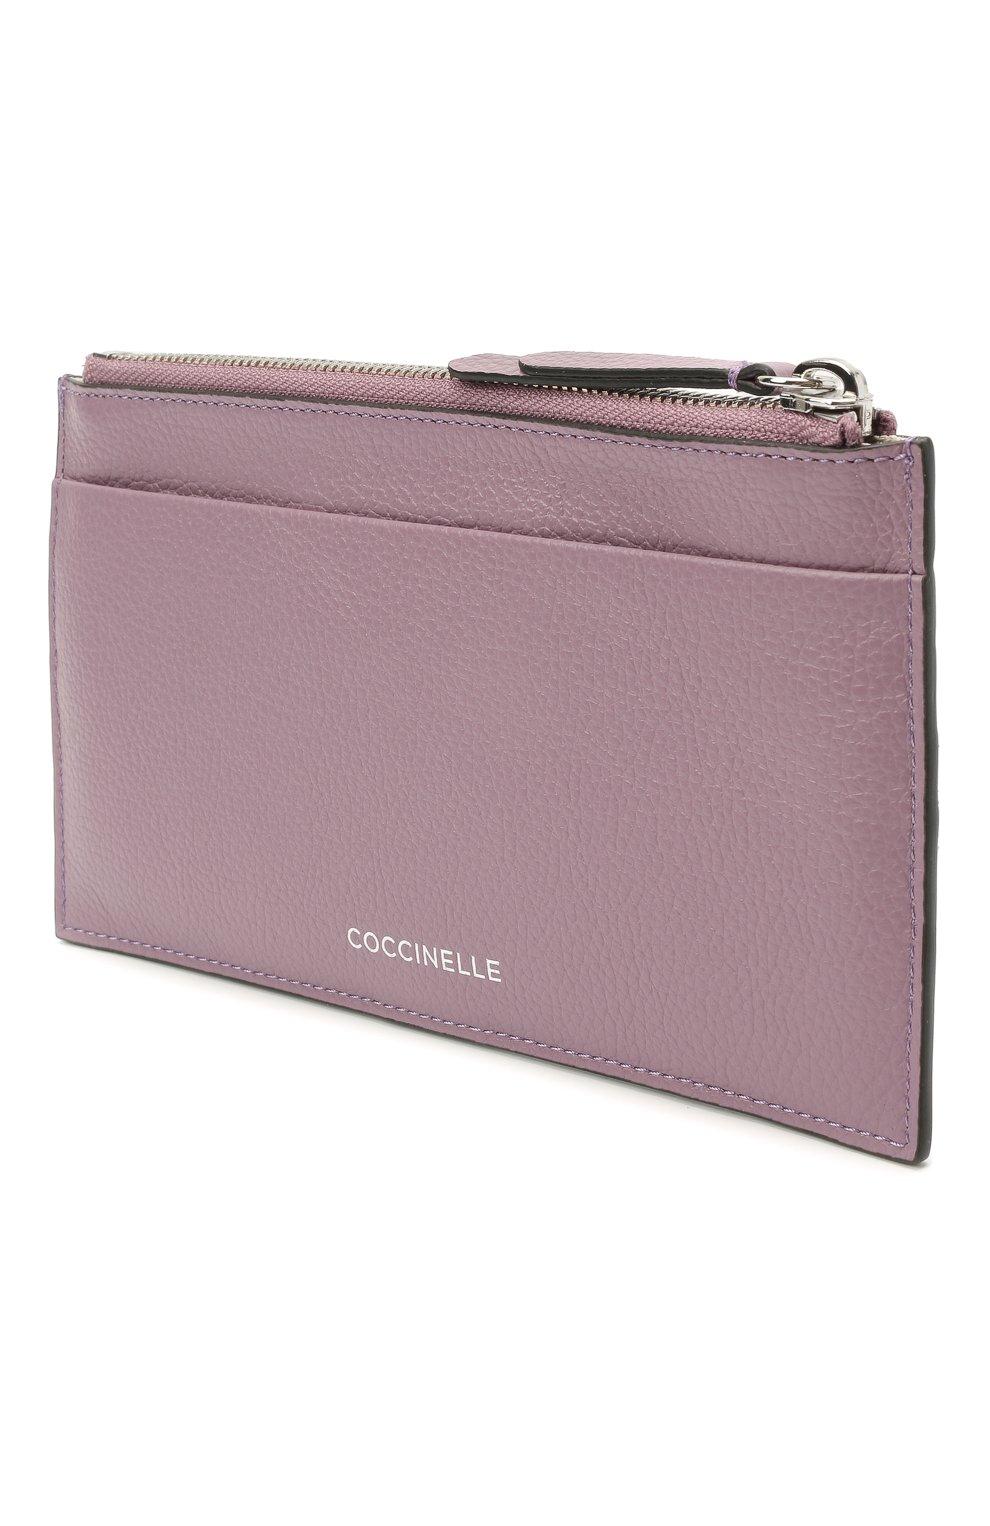 Женский кожаный футляр для кредитный карт COCCINELLE разноцветного цвета, арт. E5 HV1 19 D1 16   Фото 2